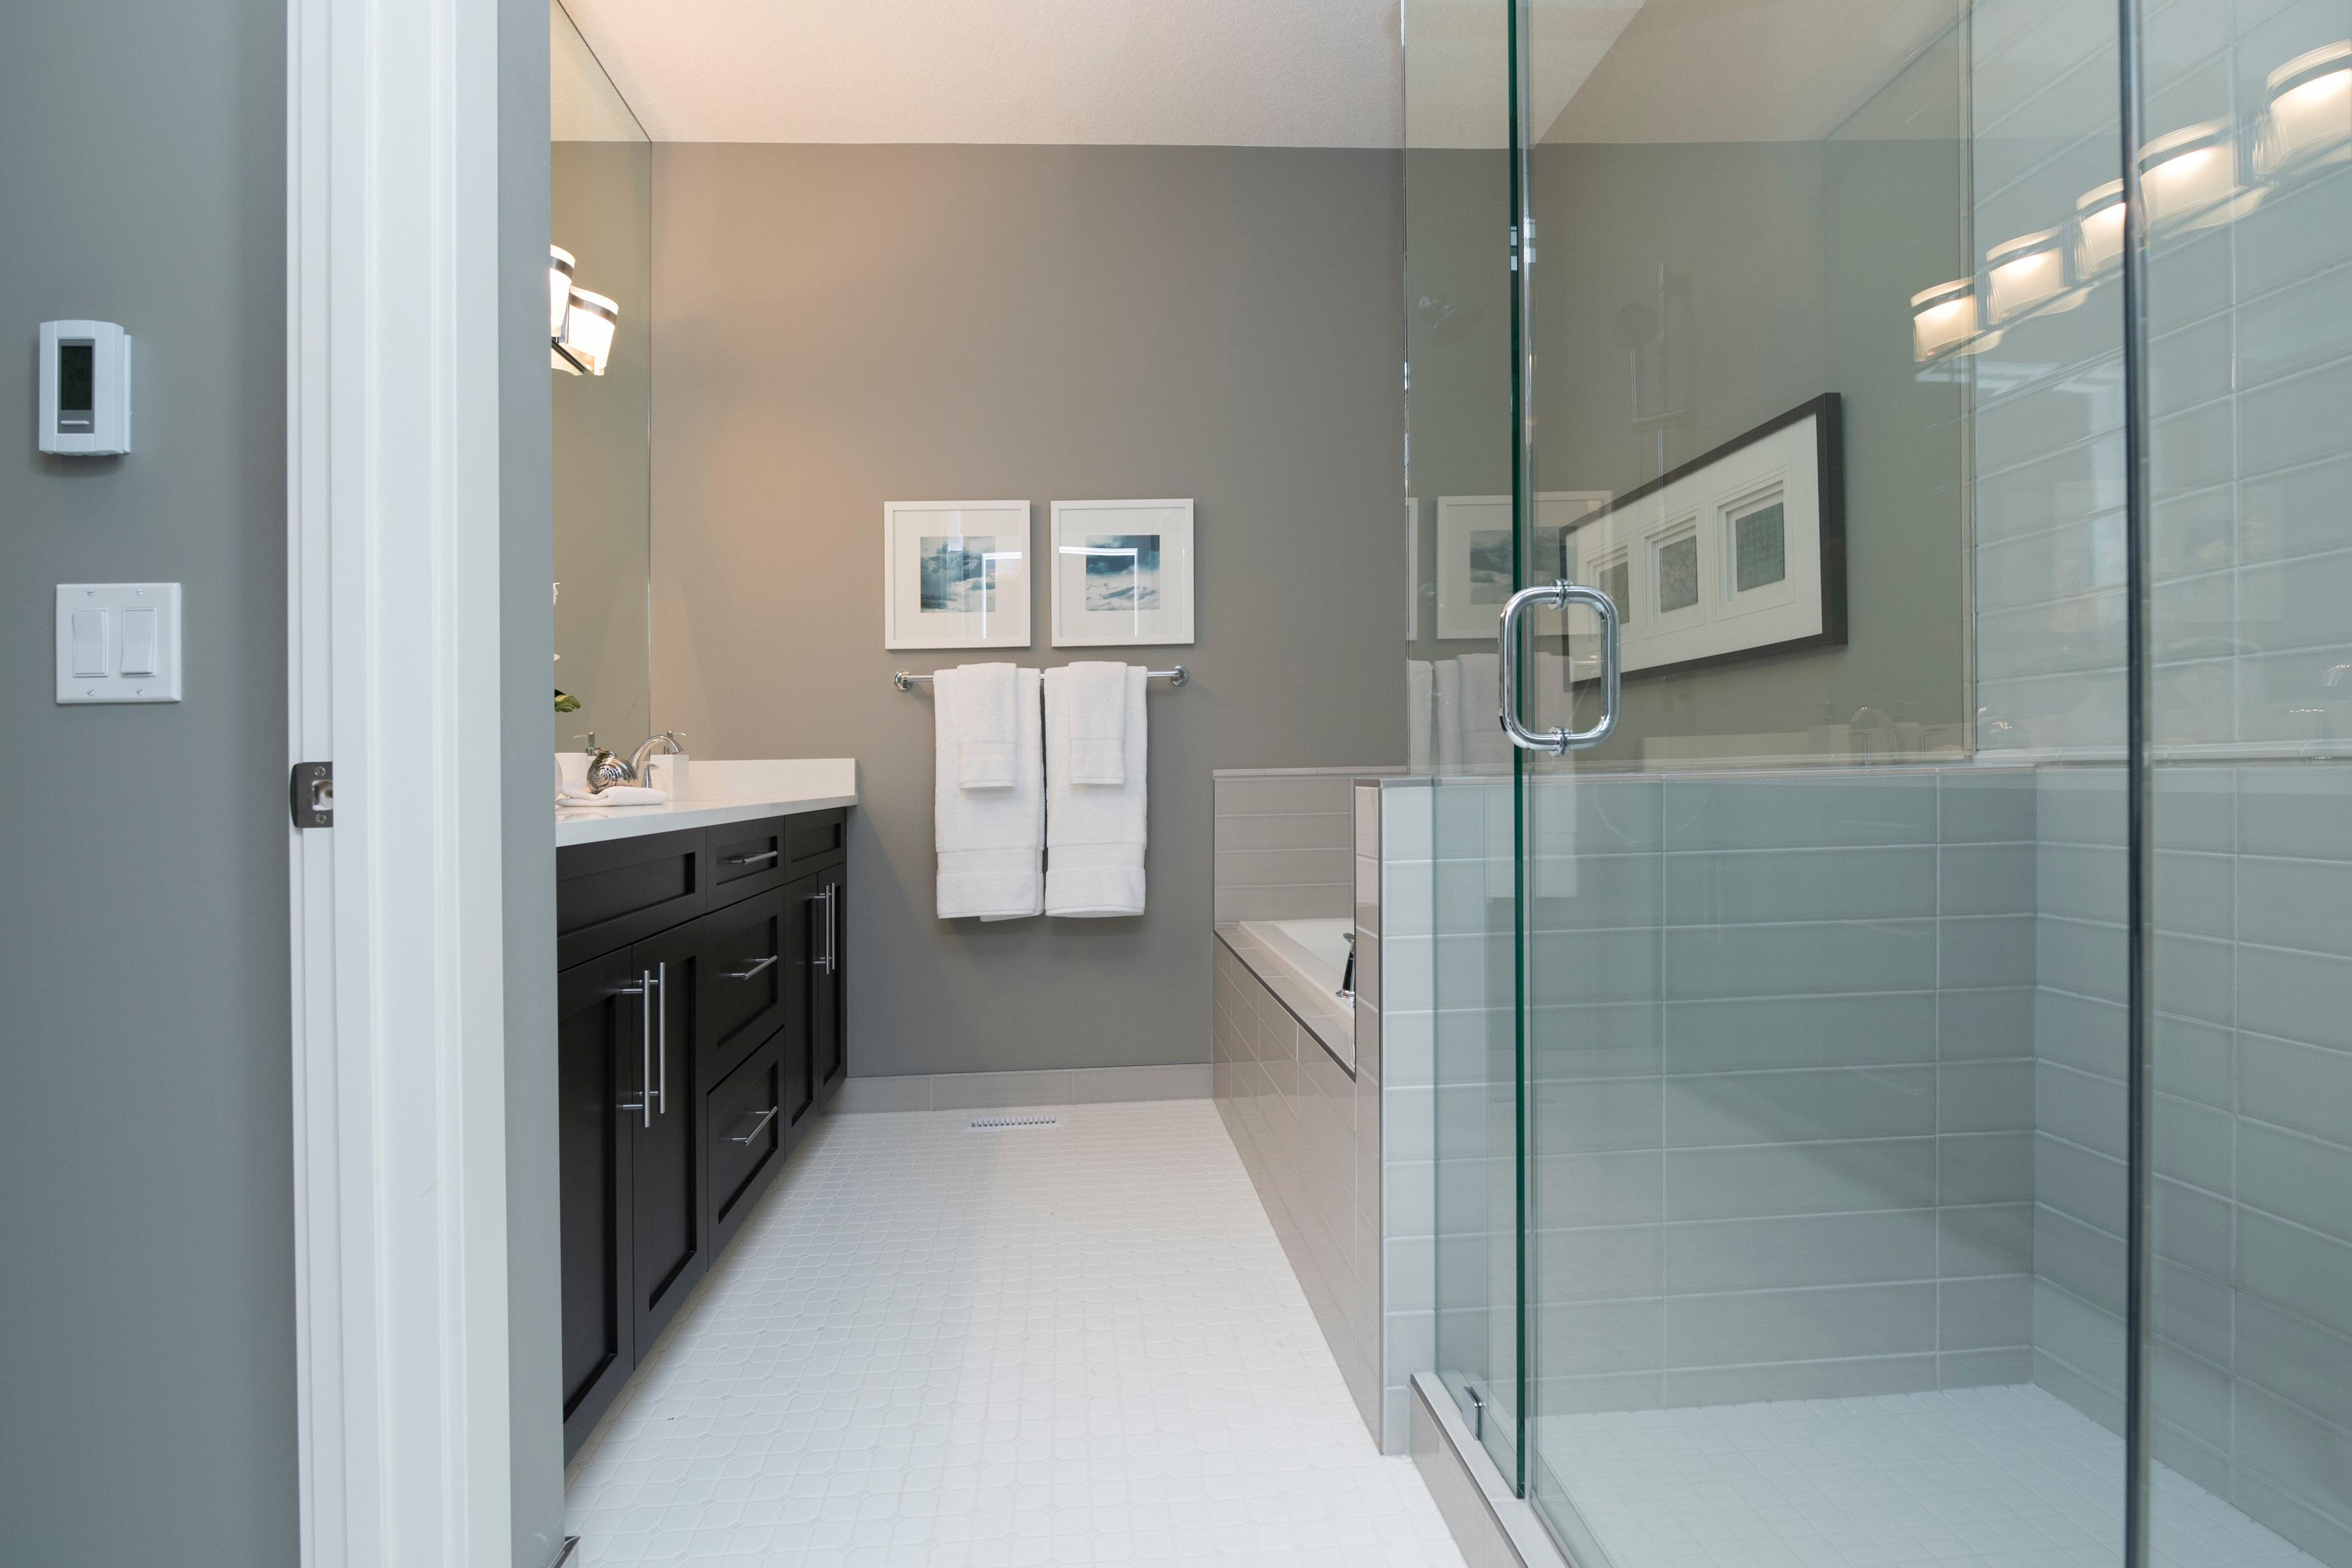 onderhoudsvriendelijke badkamer